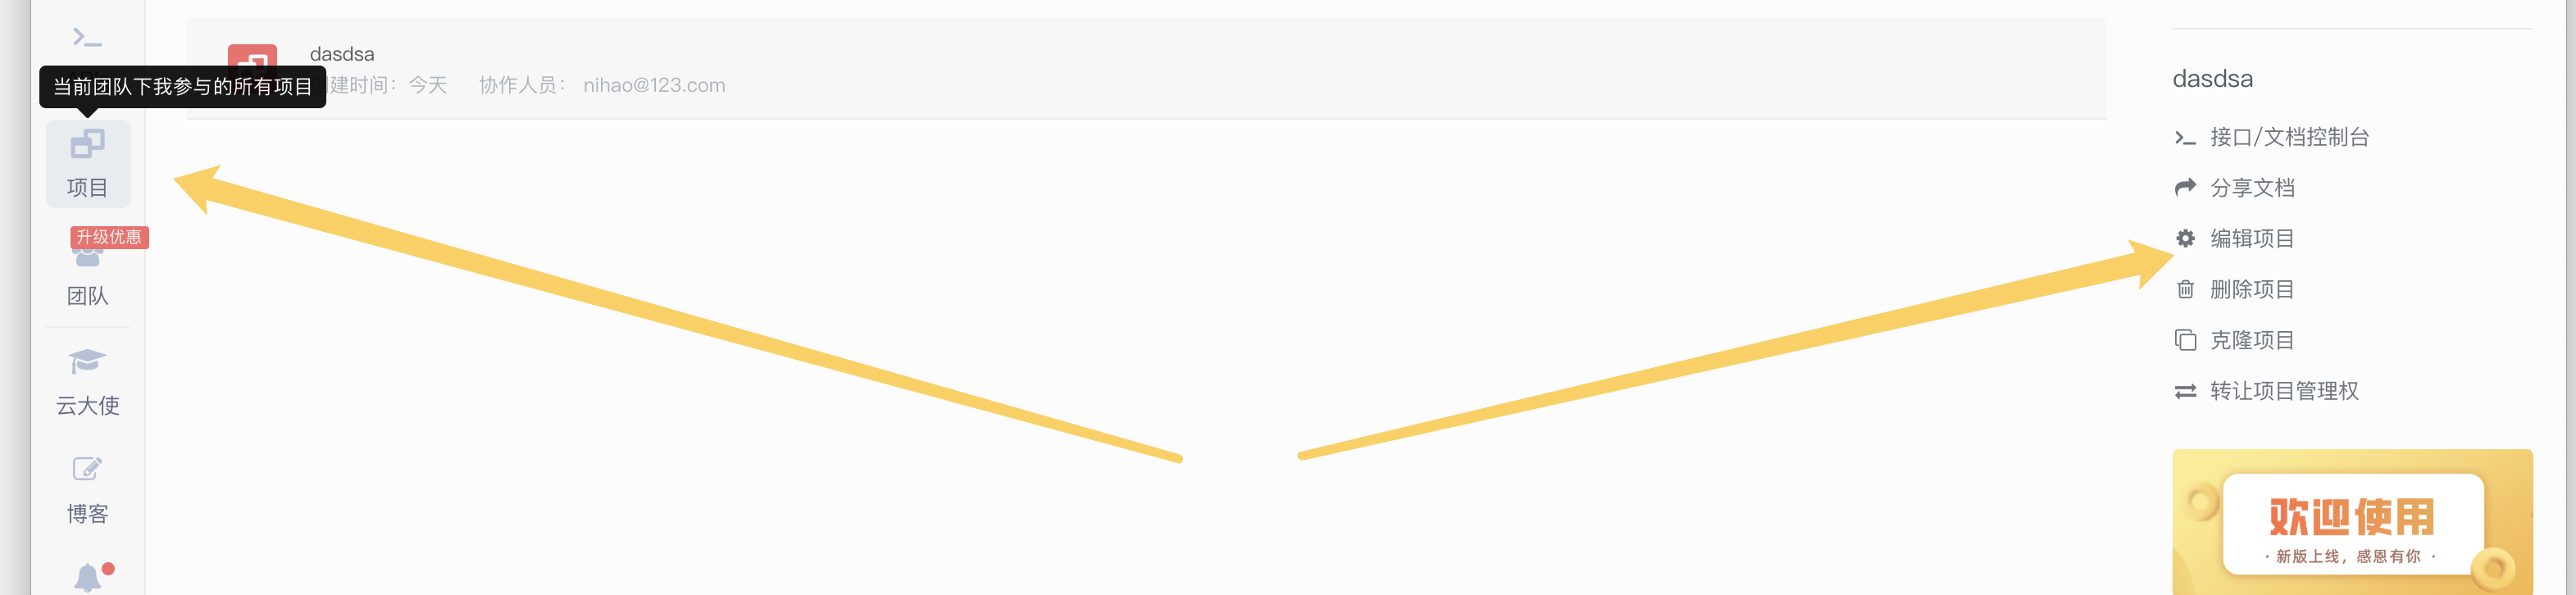 如何在一个已经存在的项目中添加协作人员,绑定工位后,别人看不到先前建立 的项目